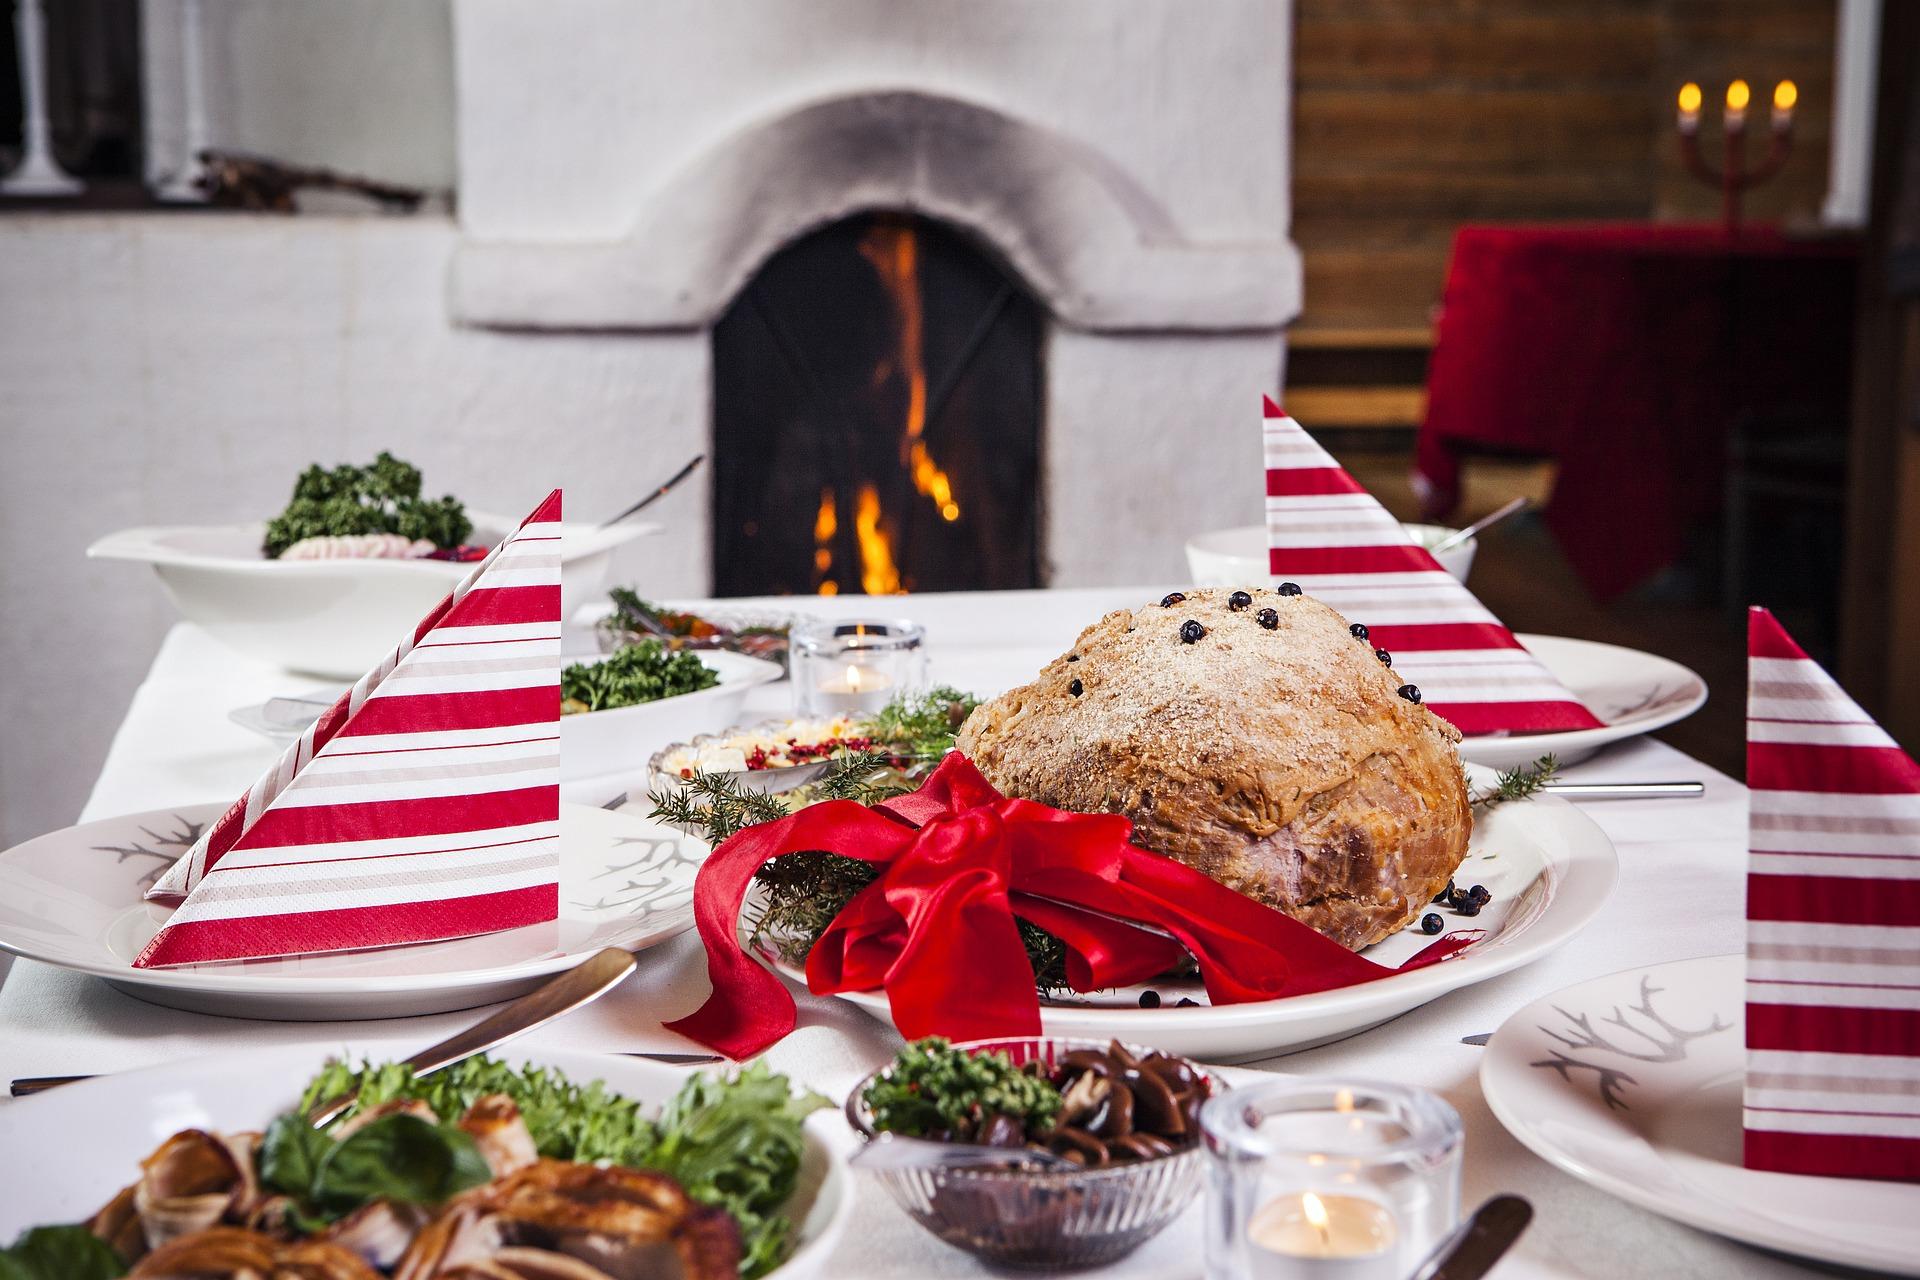 Antipasti Per Il Pranzo Di Natale.Piatti Tipici Natale Ricette Menu Tradizioni Cenone